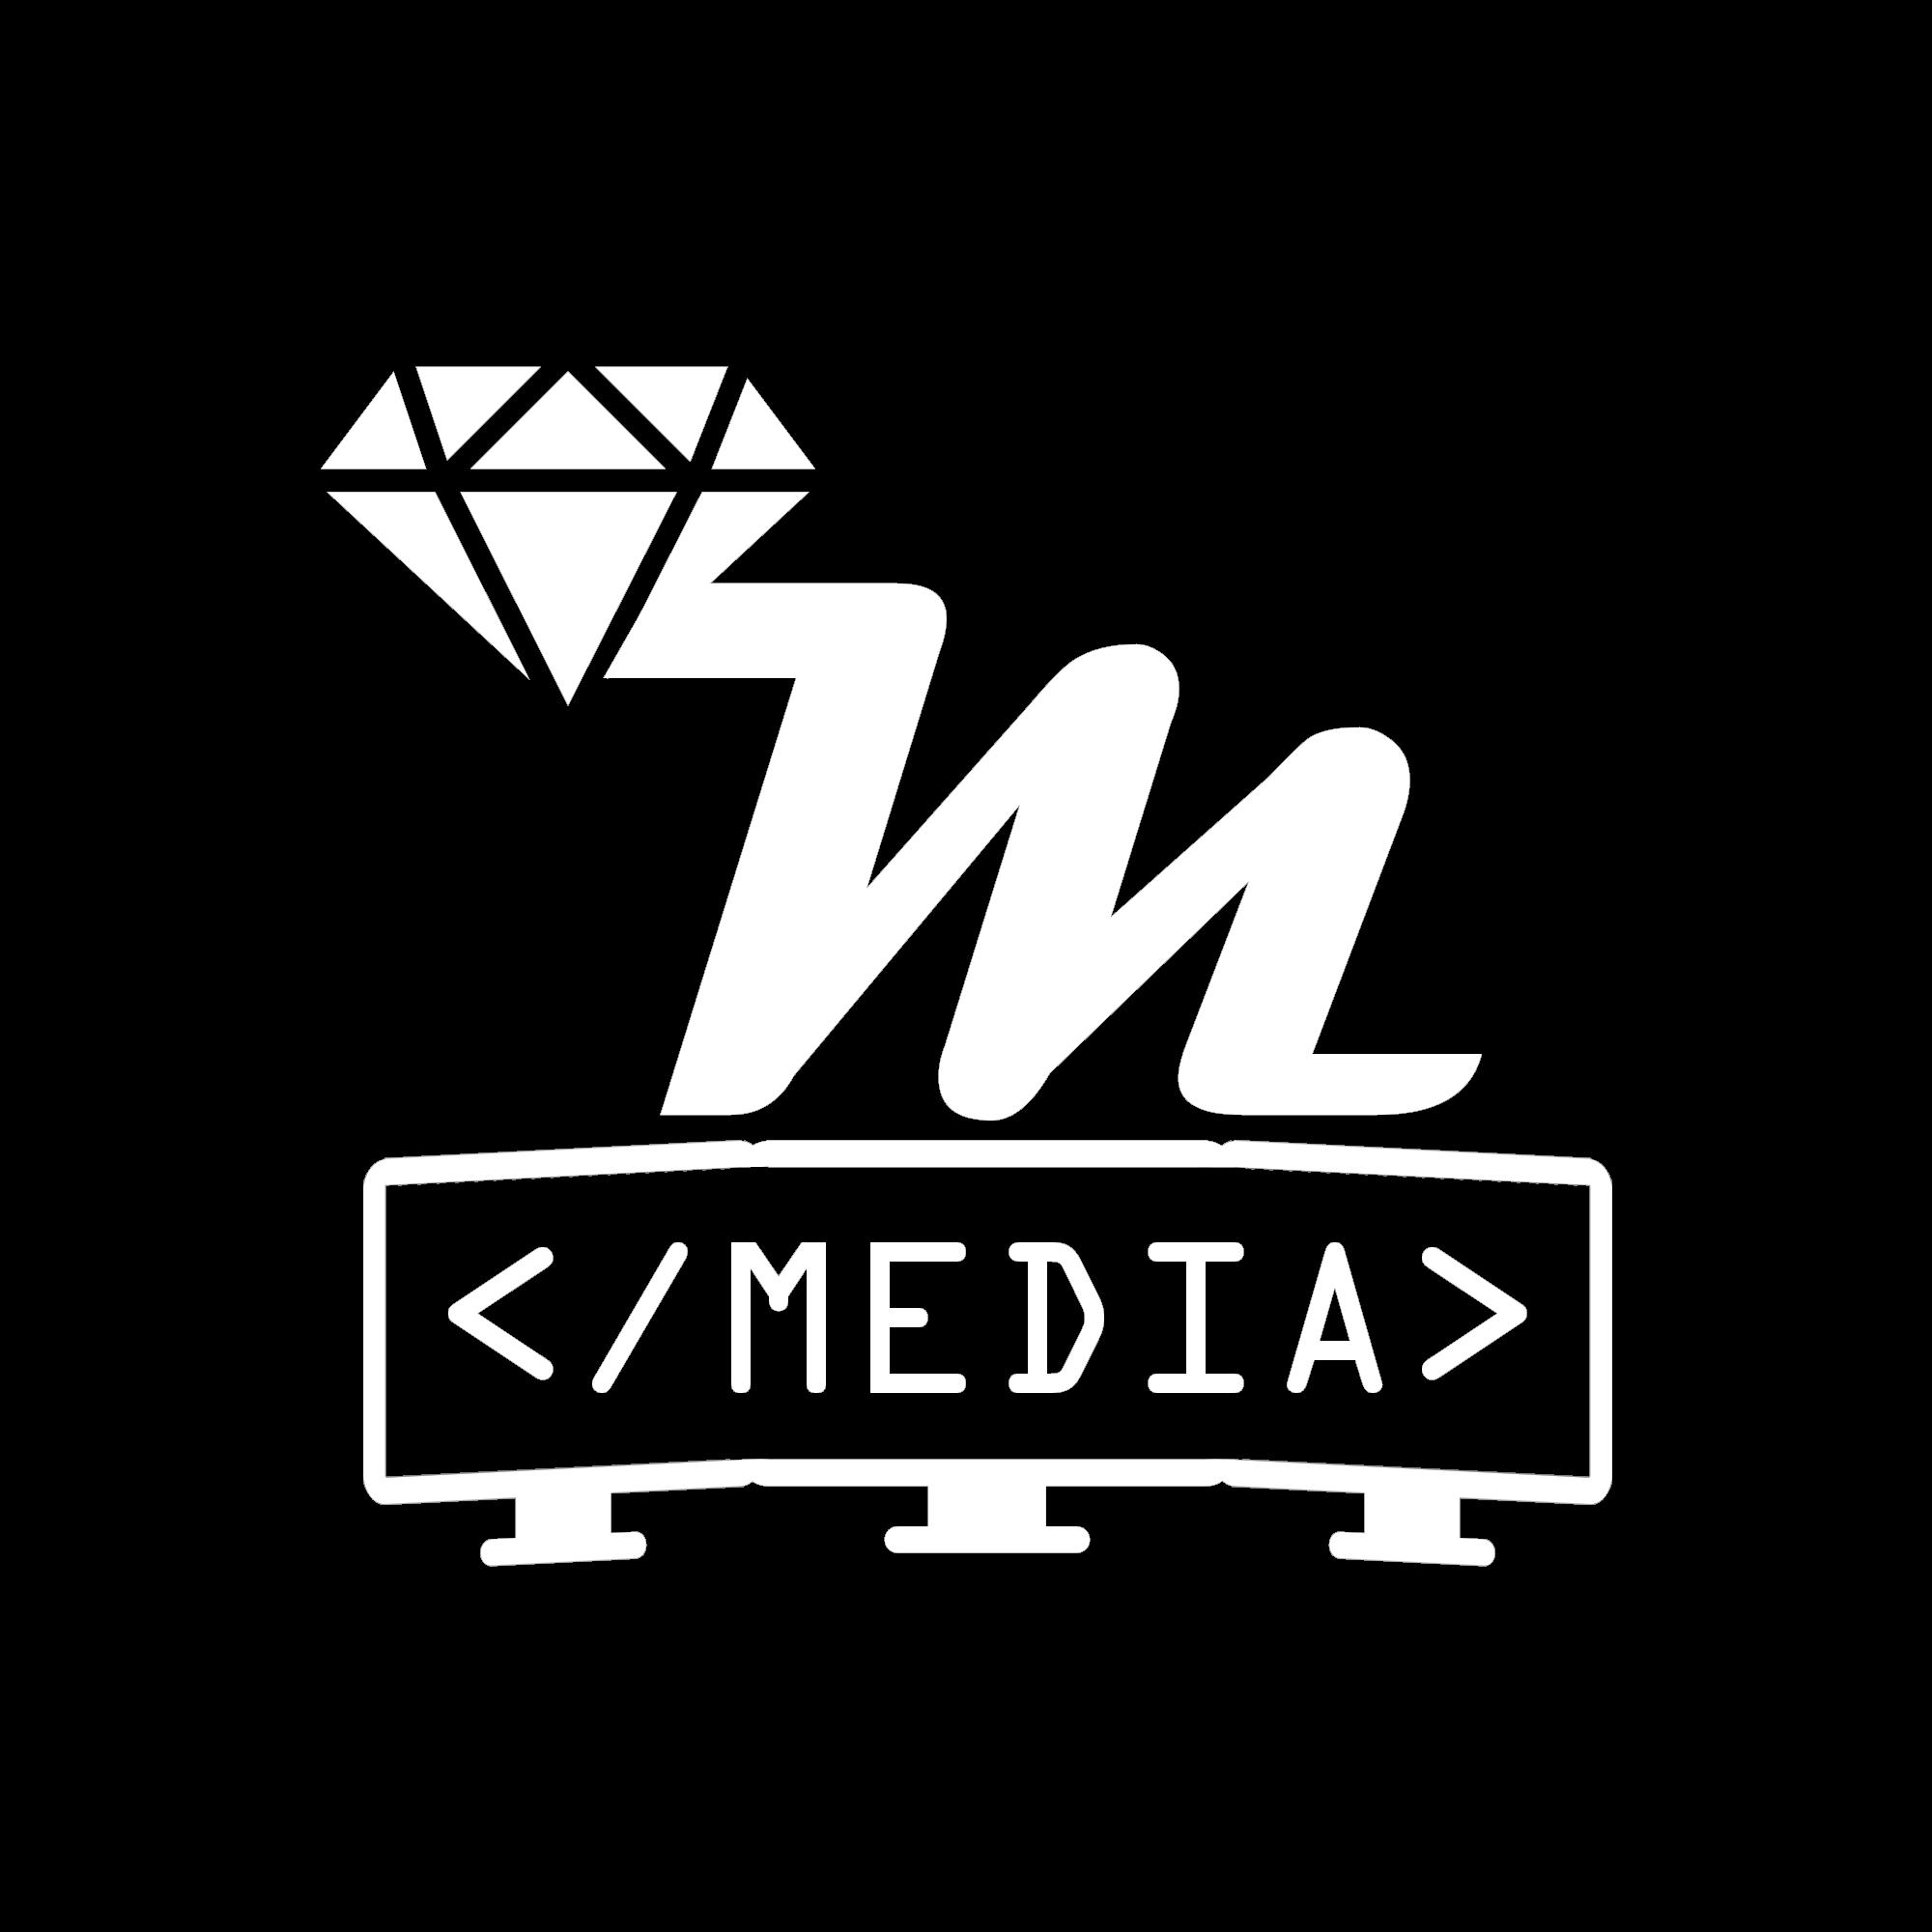 Marque Media